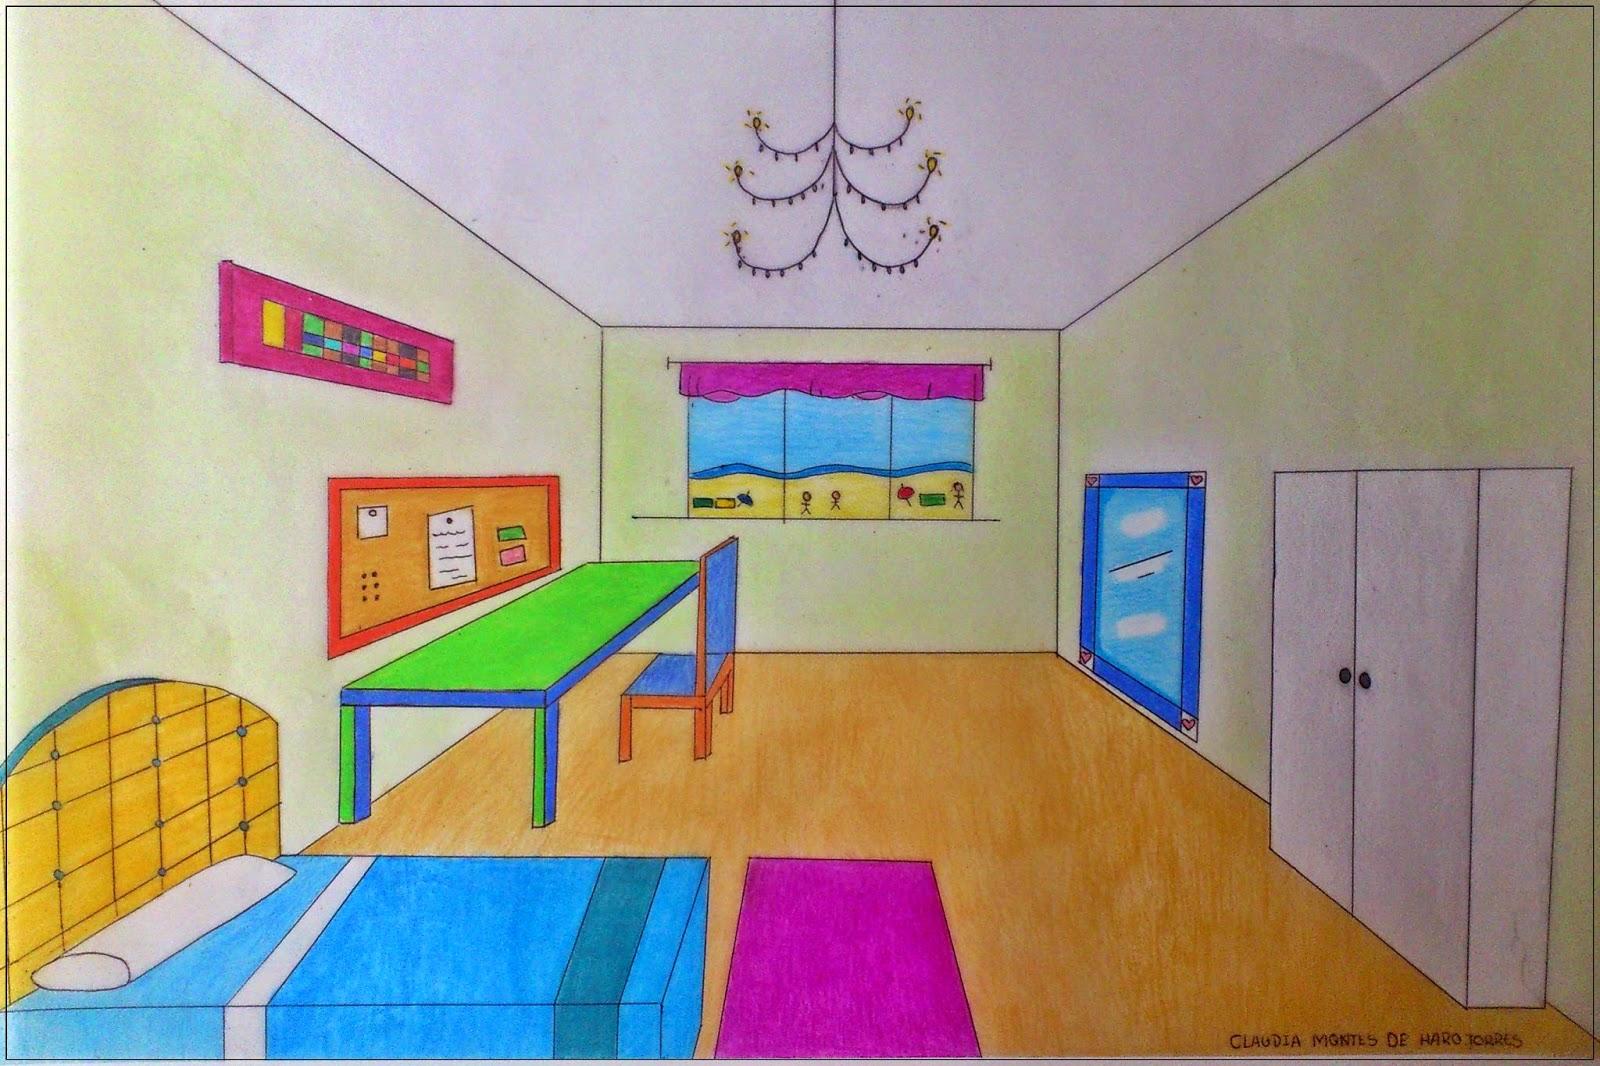 Comp s y color perspectiva c nica - Habitacion en perspectiva conica ...